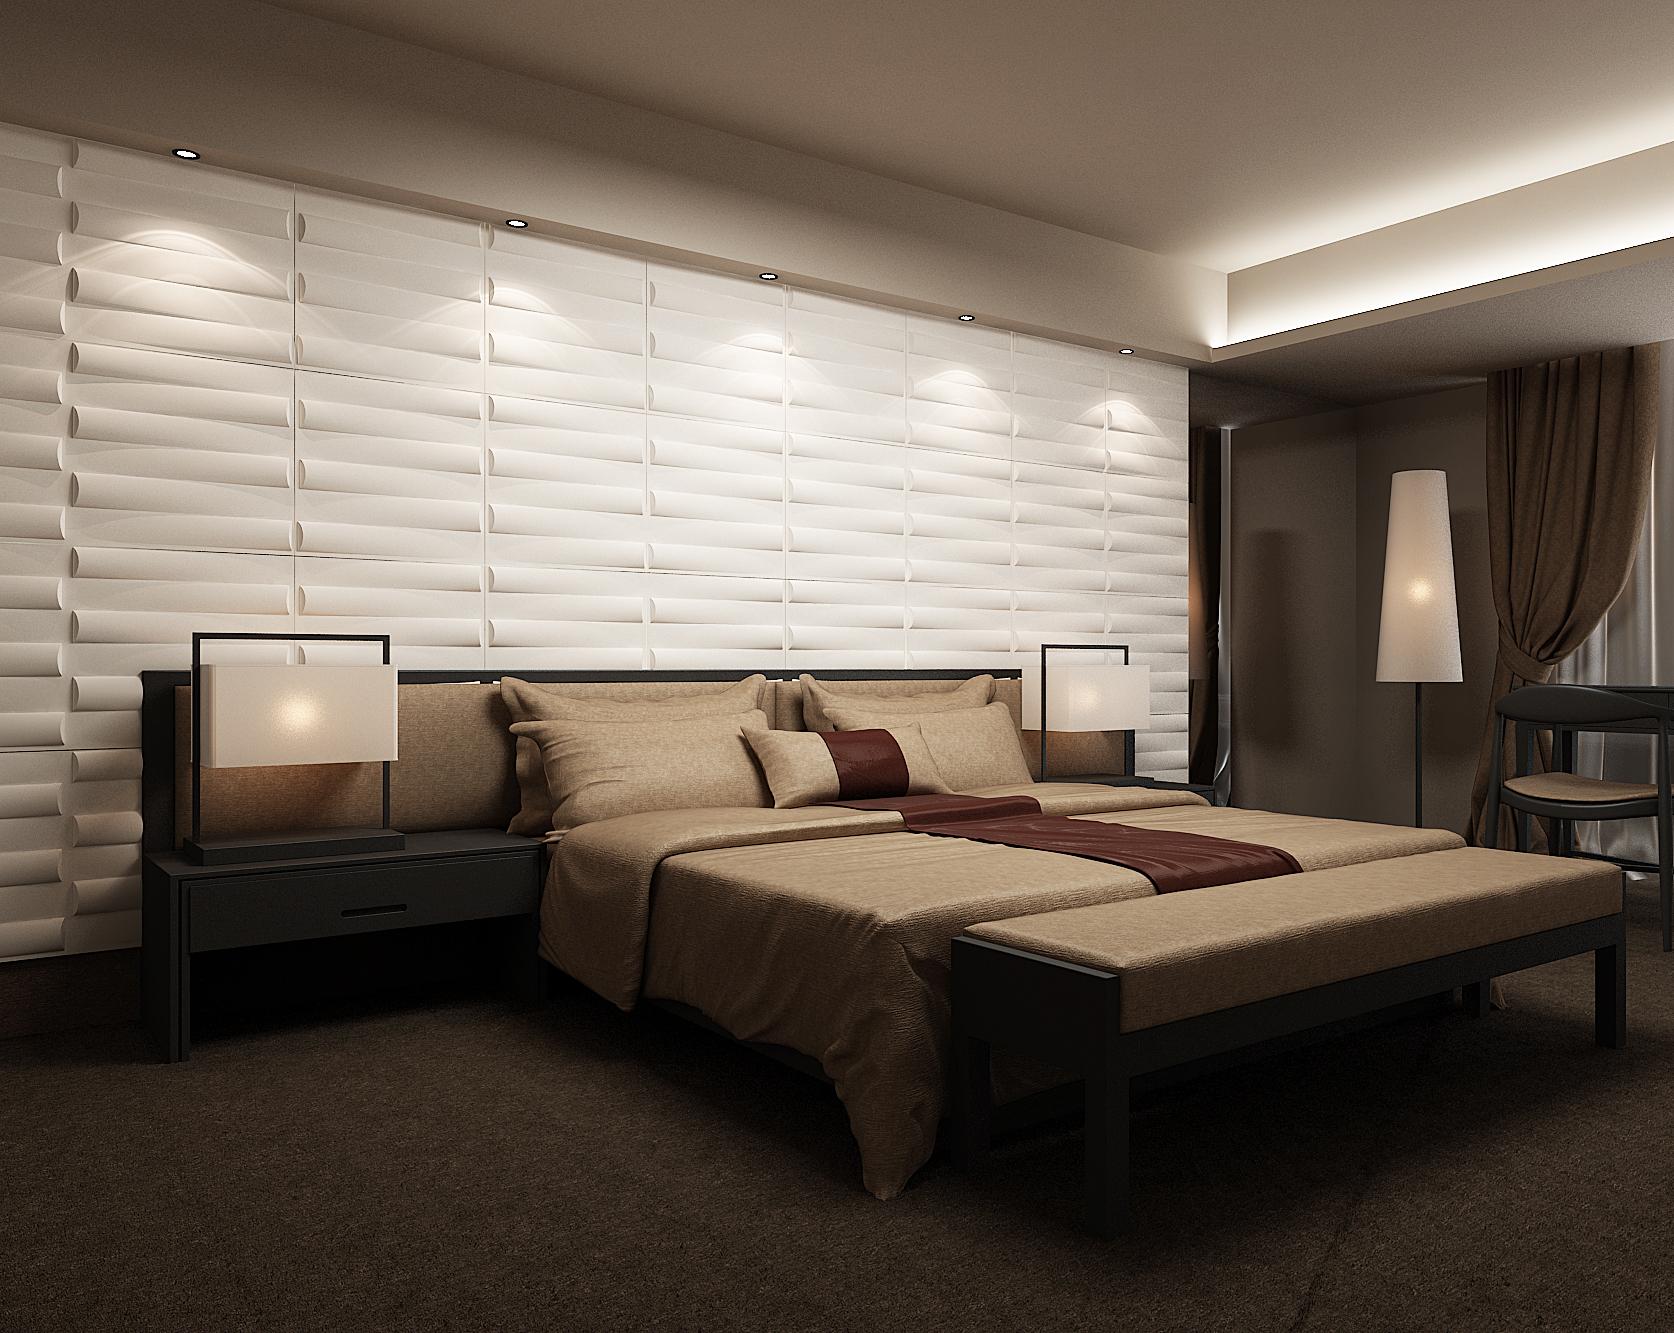 ПВХ панели в интерьере спальни